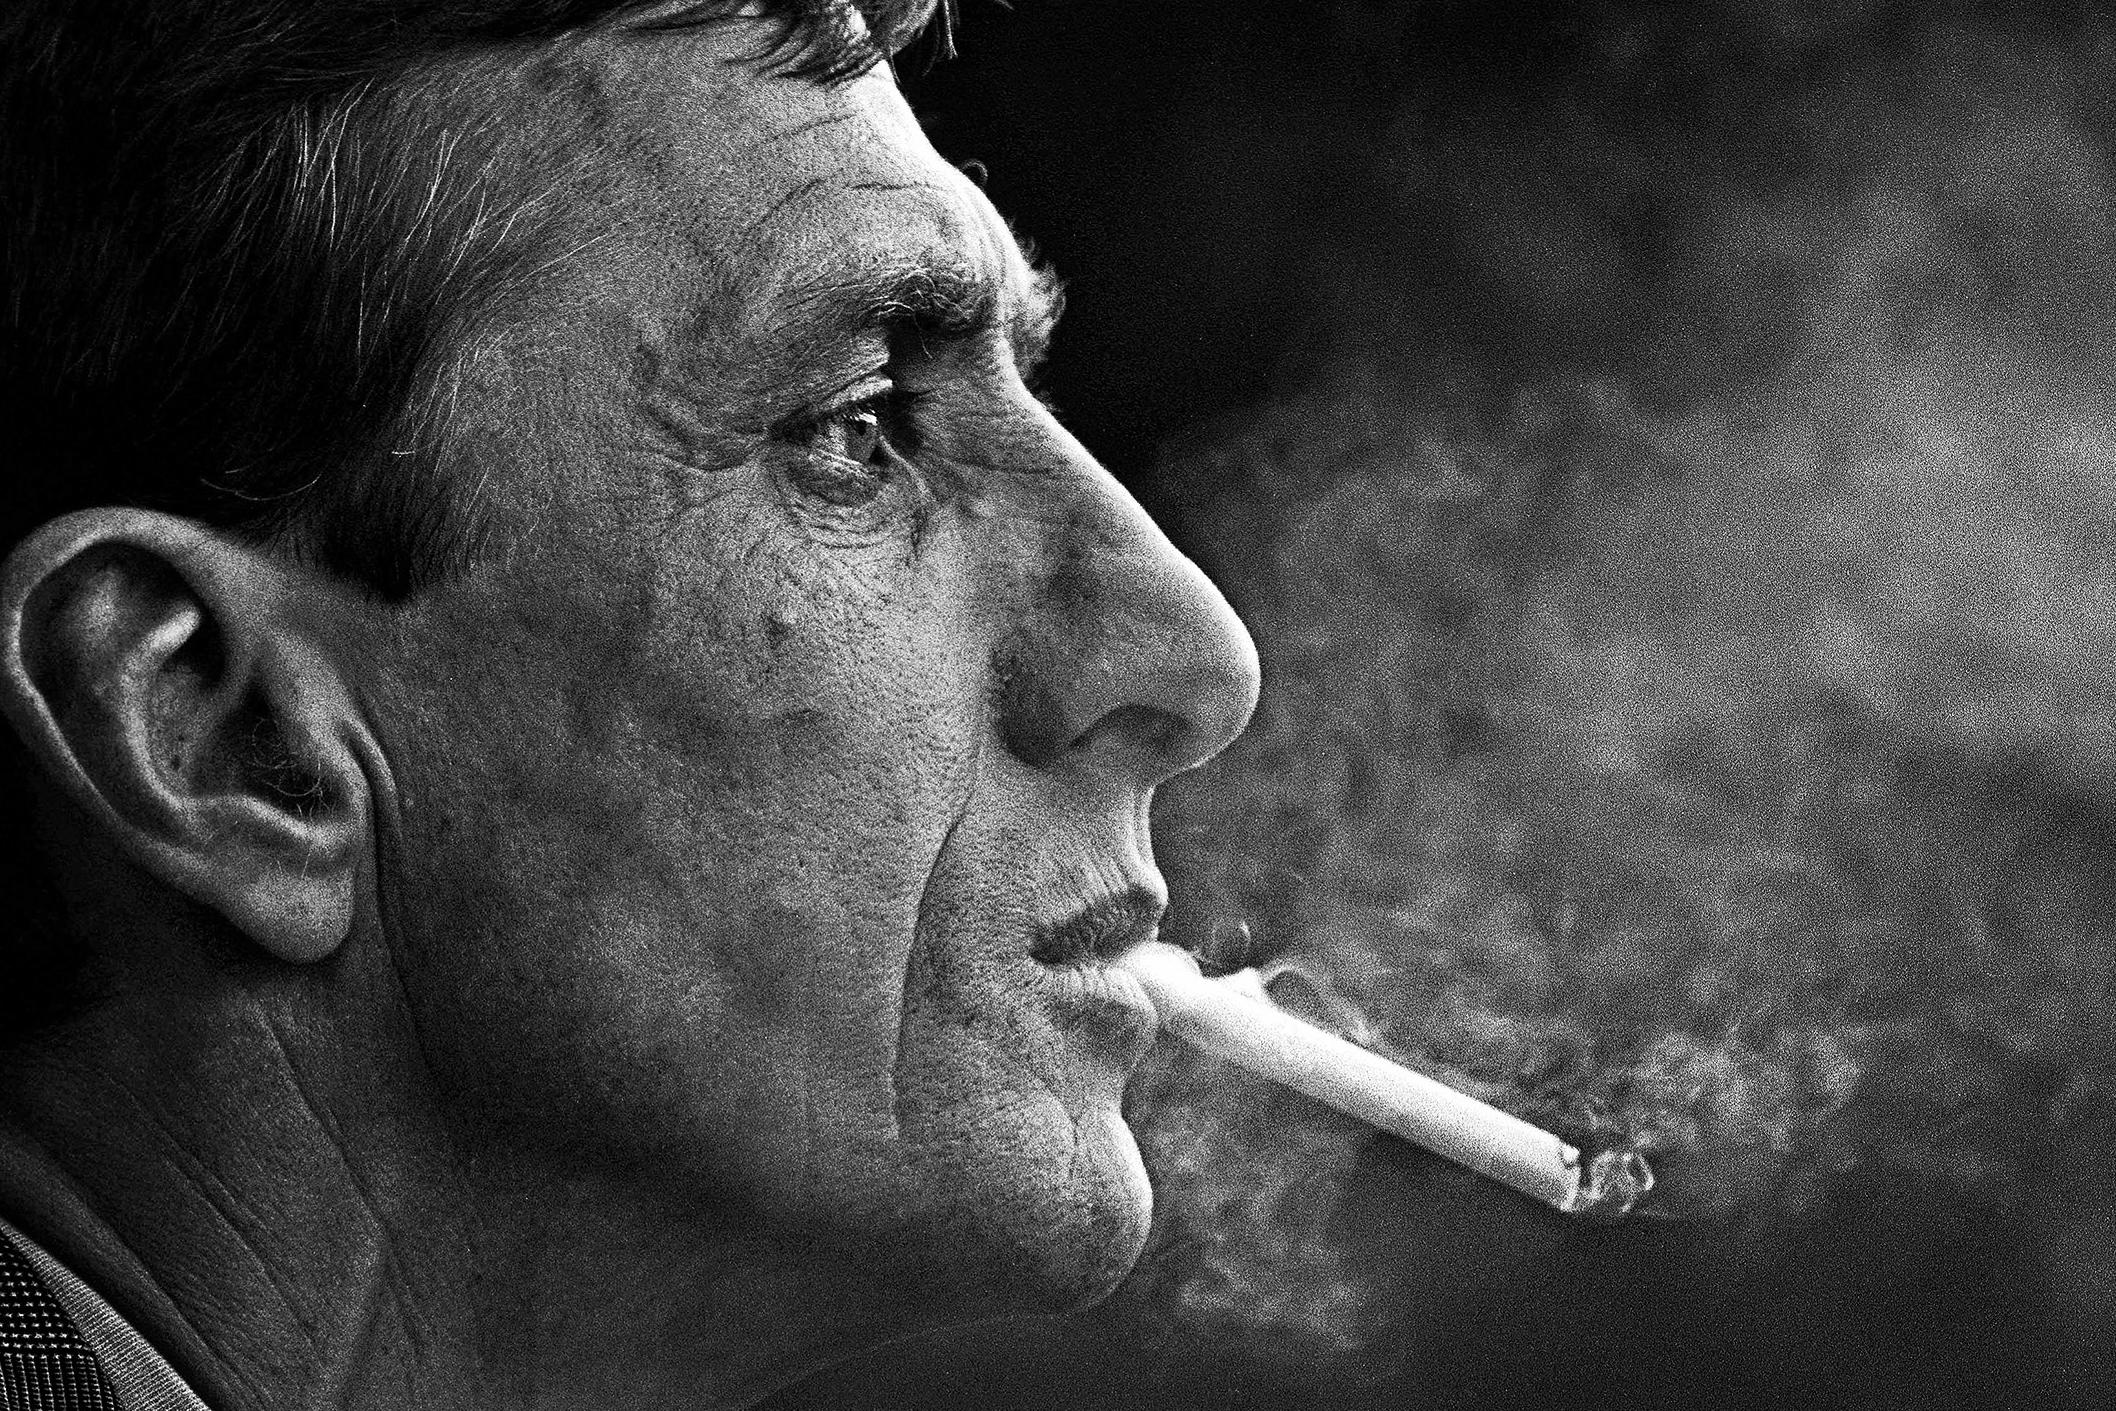 Johan Cruyff - Di sản của một huyền thoại (P1)